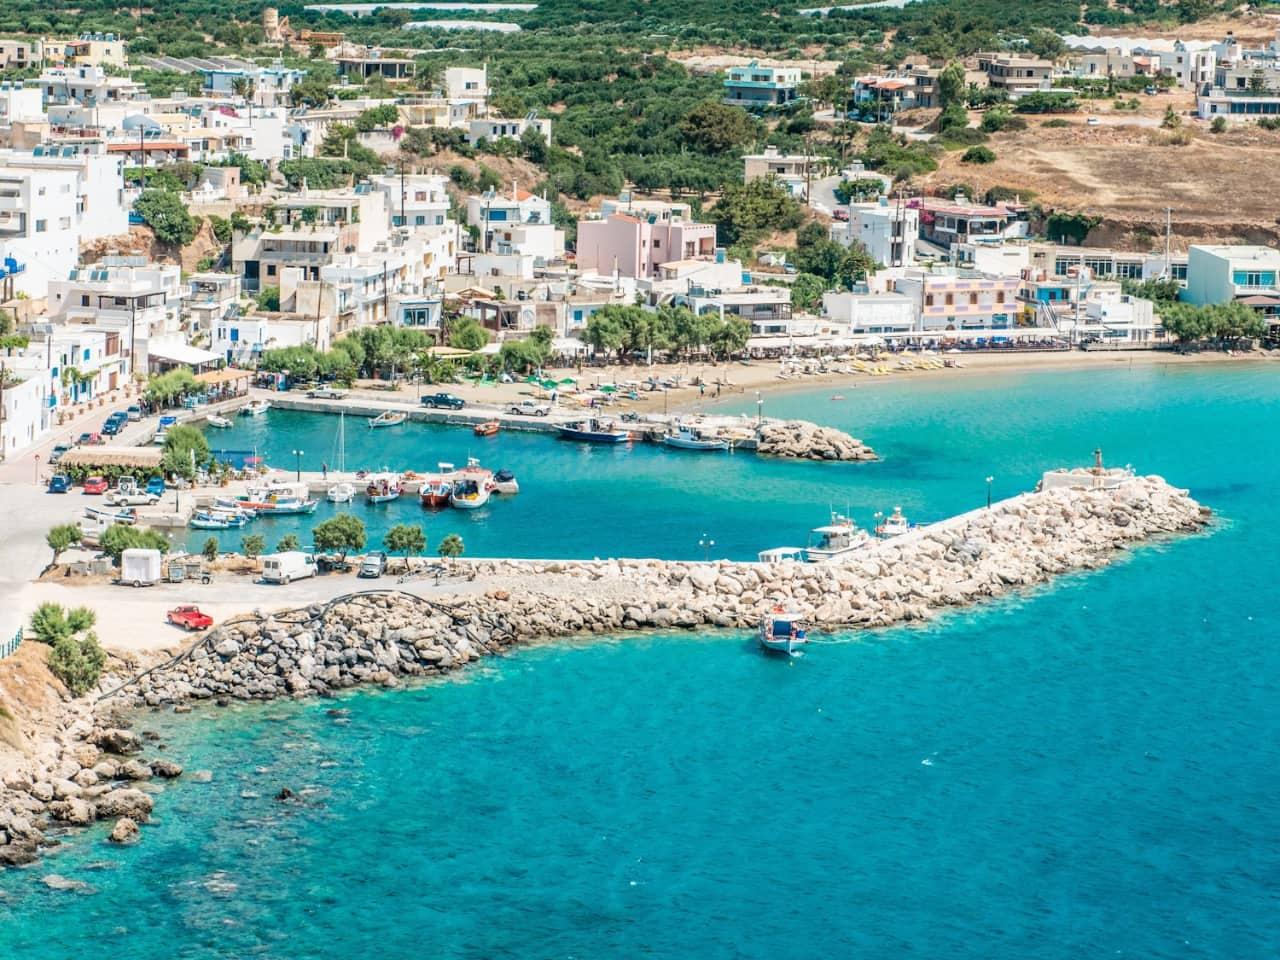 casa dei mezzo music festival makrigialos, makriyialos casa de mezzo festival, casa dei mezzo festival crete, events east crete, music festivals crete